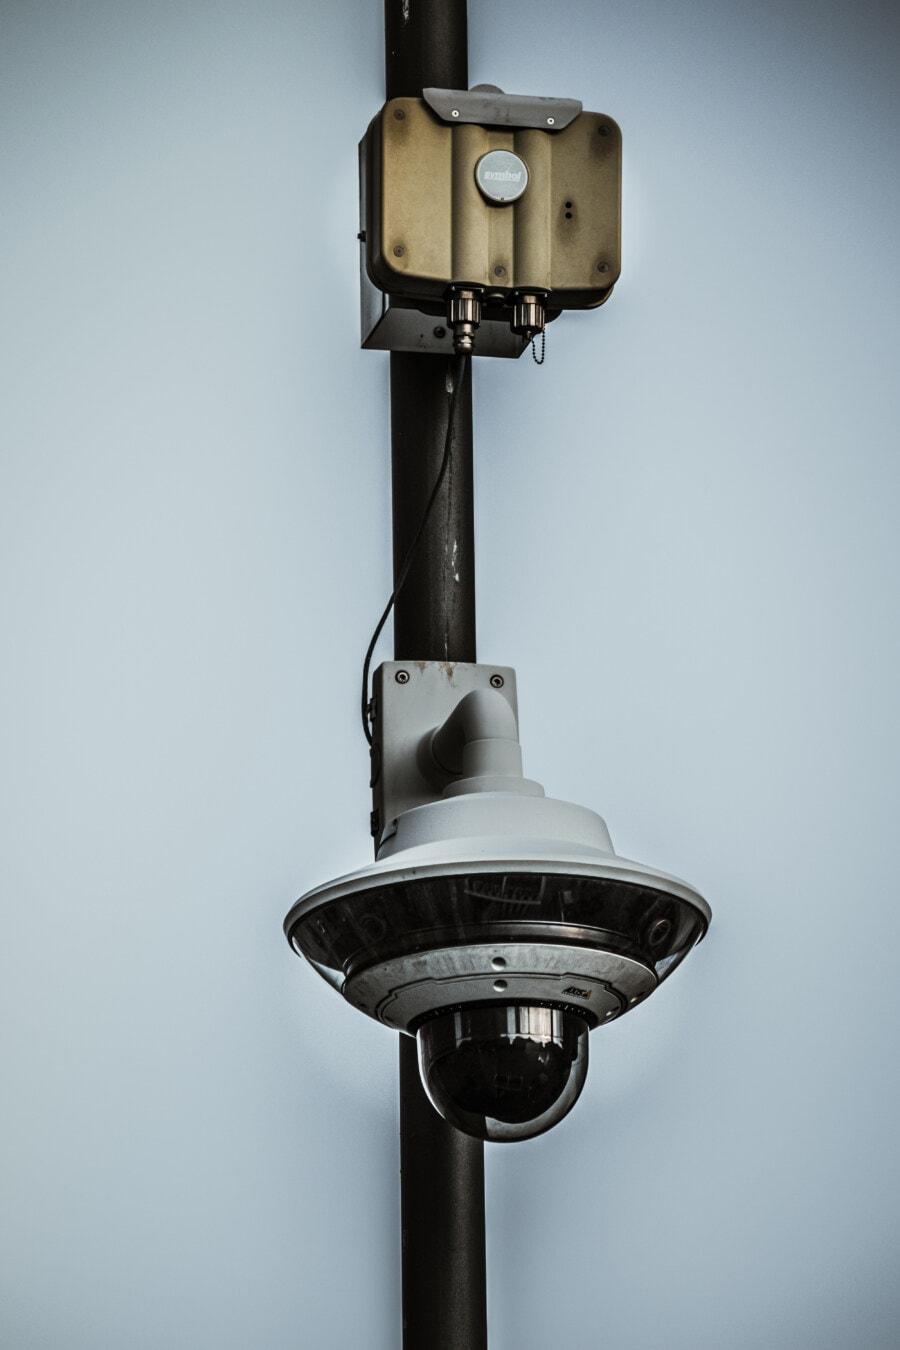 drahtlose, Überwachung, Video, Video-Aufzeichnung, Kamera, Control, Sicherheit, öffentliche, Objektiv, Strom